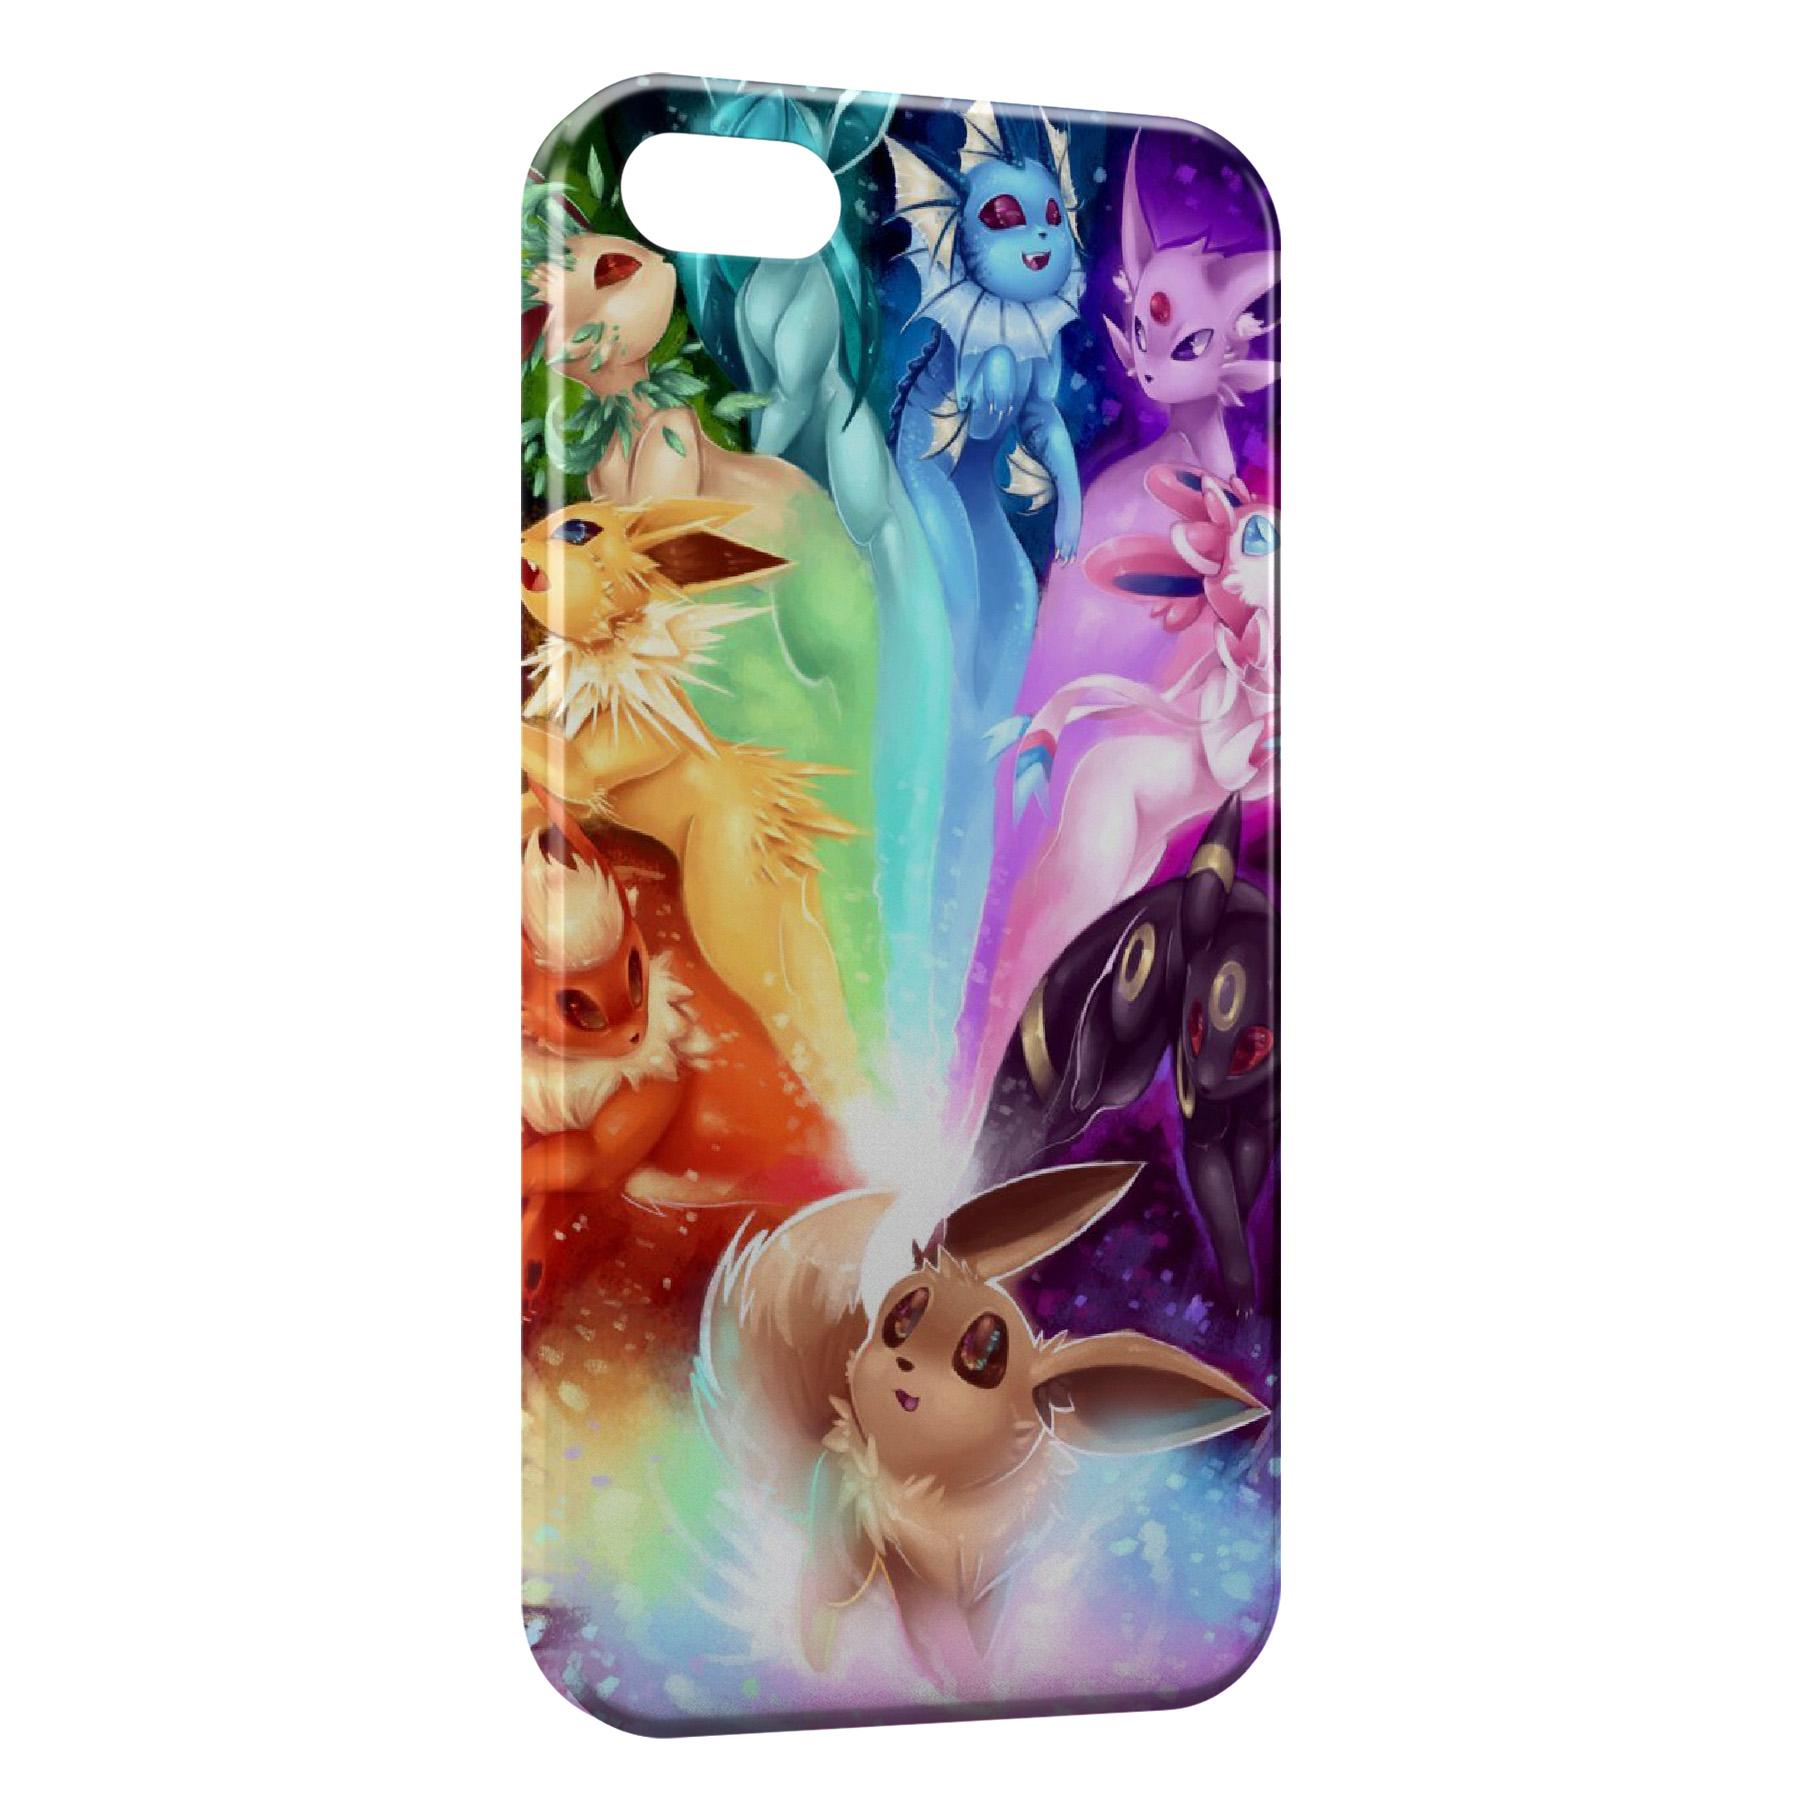 Coque iPhone 4 & 4S Evoli Evolutions Pokemon Art Colored